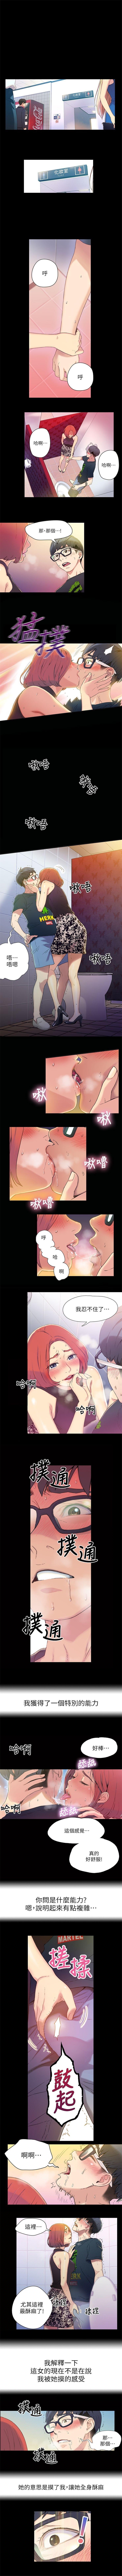 超導體魯蛇 1-41 官方中文(連載中) 1